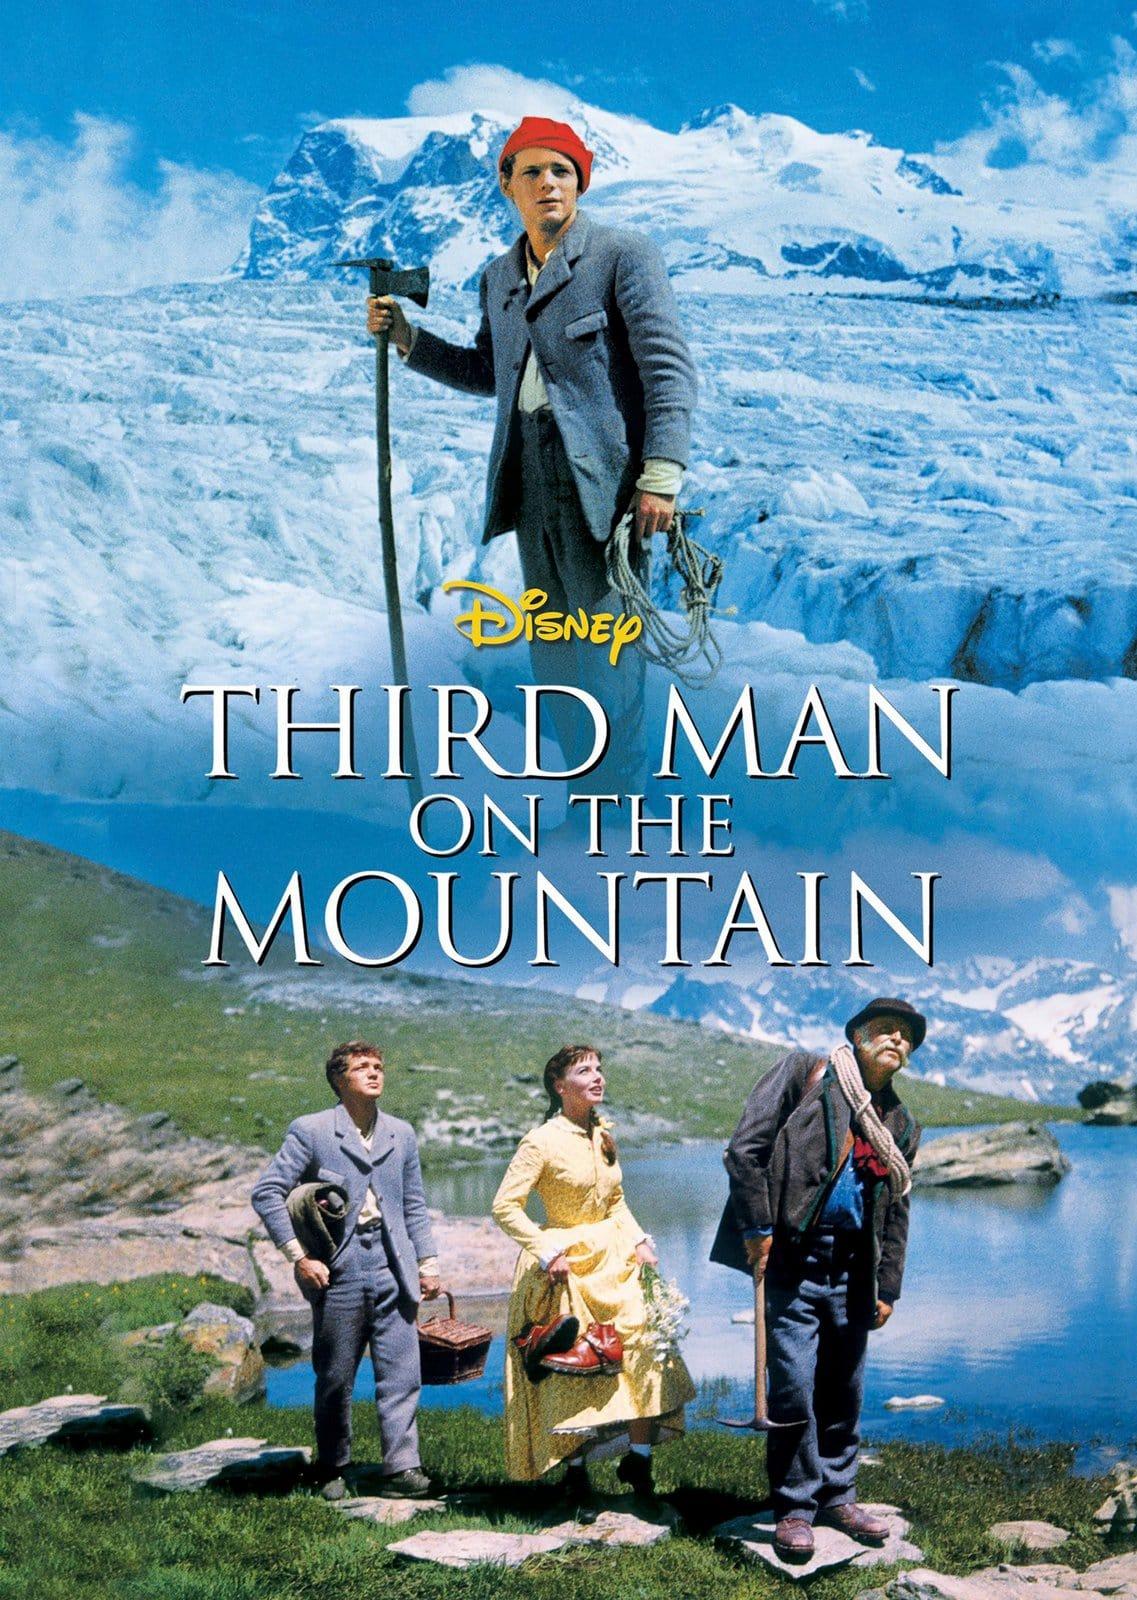 Disney movie, Third Man on the Mountain (1)